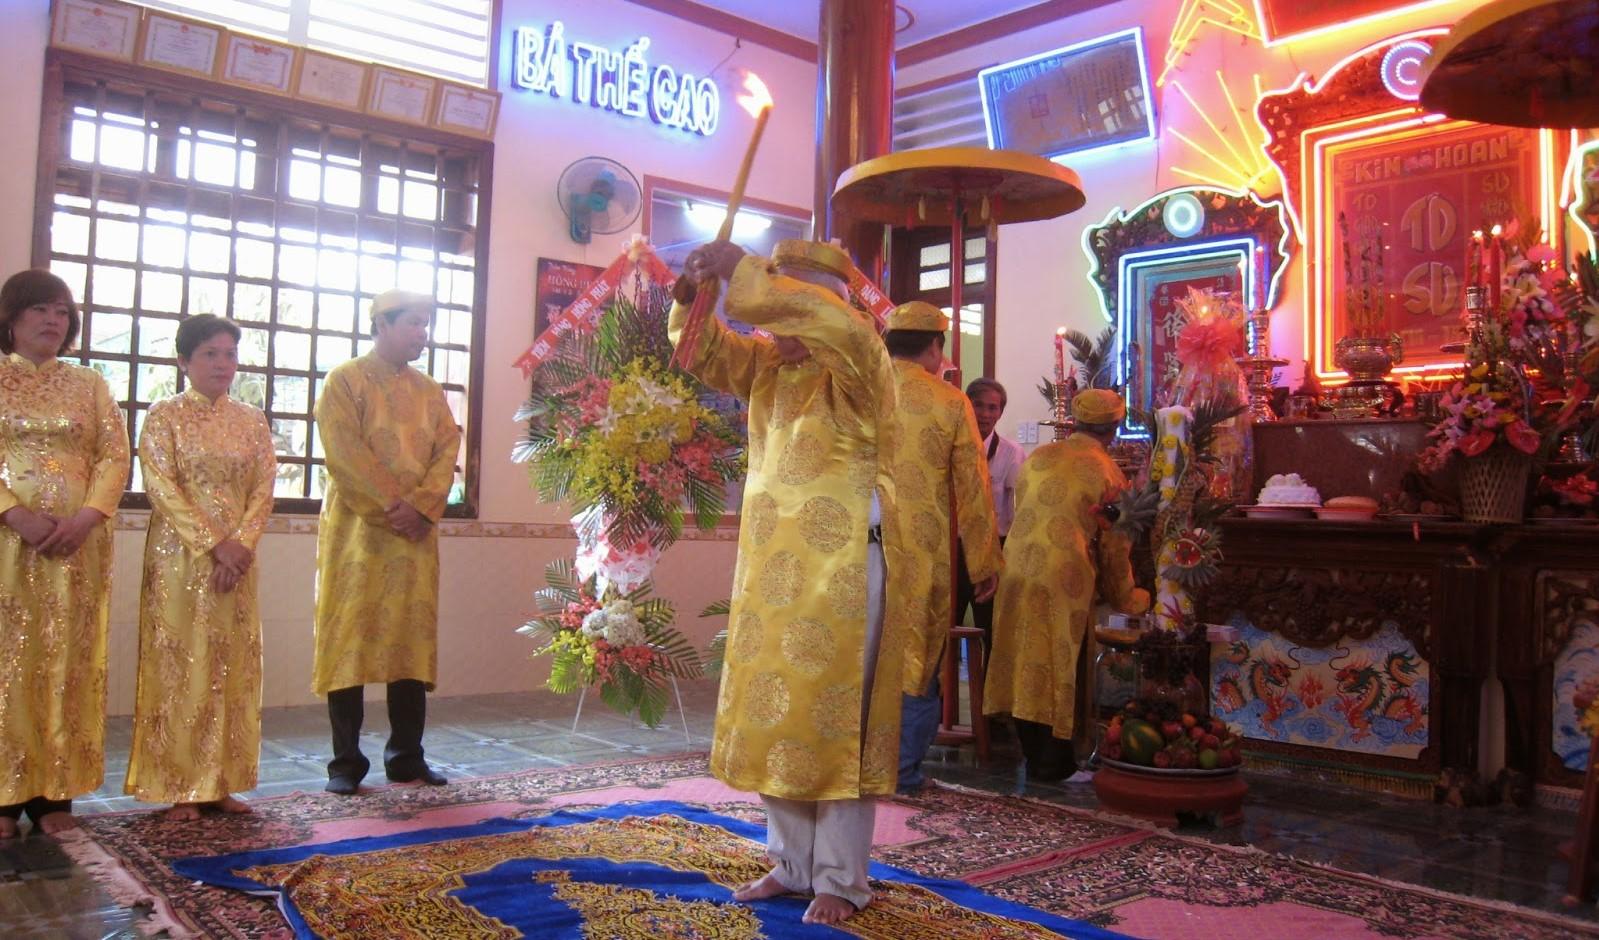 Lễ giỗ tổ nghề kim hoàn - một trong các lễ hội ở thành phố Hồ Chí Minh độc đáo